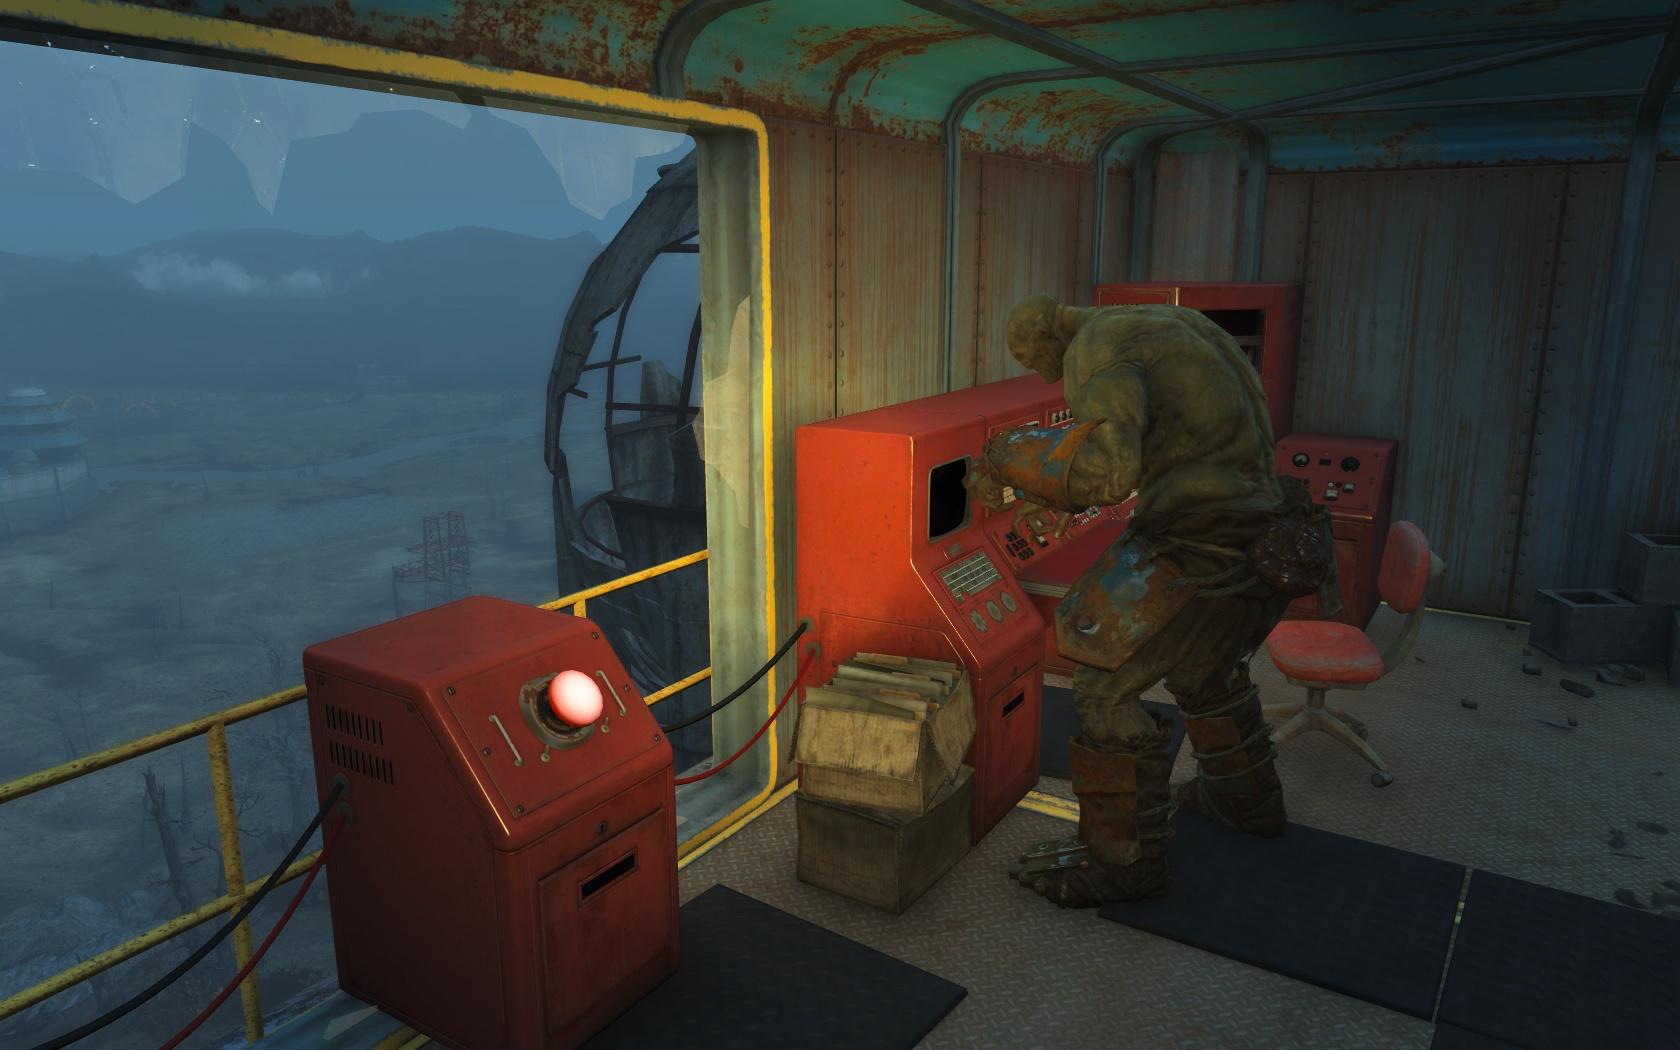 Силач помогает мне восстановить питание парка (Ядер-Мир, Электростанция Ядер-Мира) - Fallout 4 Nuka World, Силач, Электростанция, Электростанция Ядер-Мира, Ядер-Мир